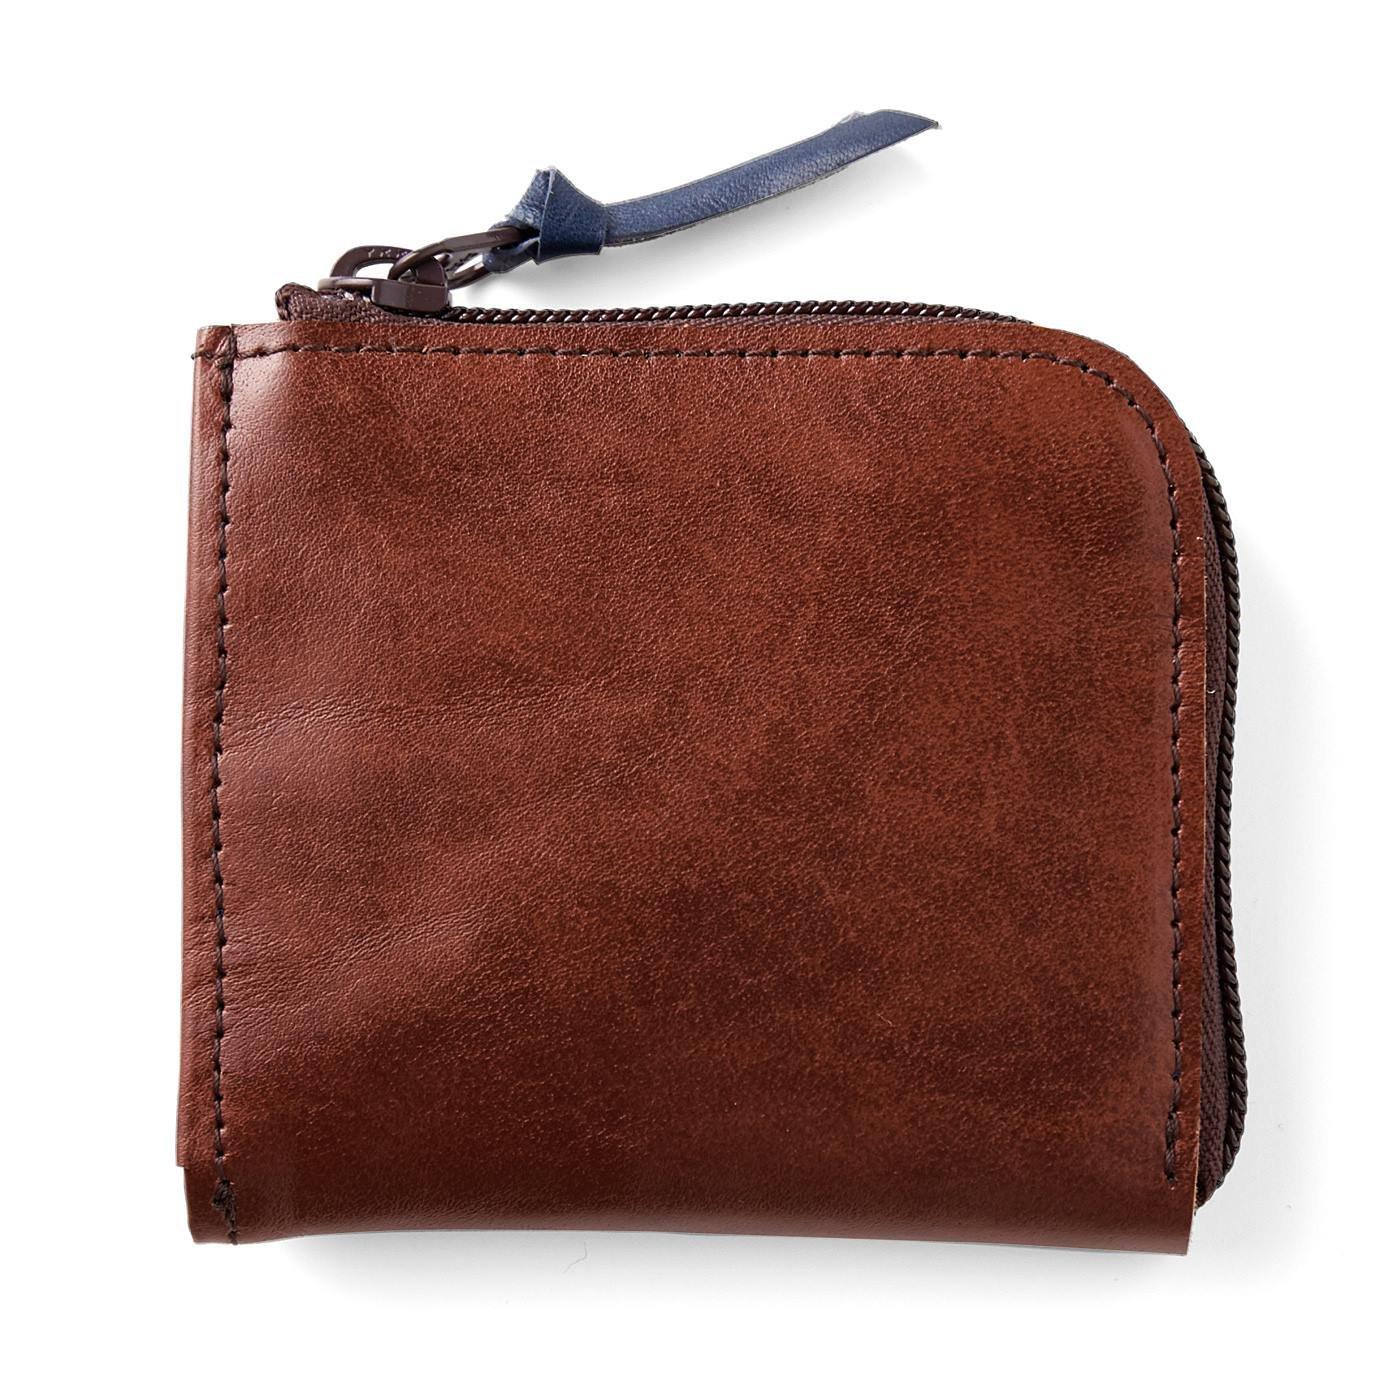 ポケットにすっぽり入って便利!ヴィンテージ感あふれる本革ミニマム財布〈ヴィンテージブラウン〉